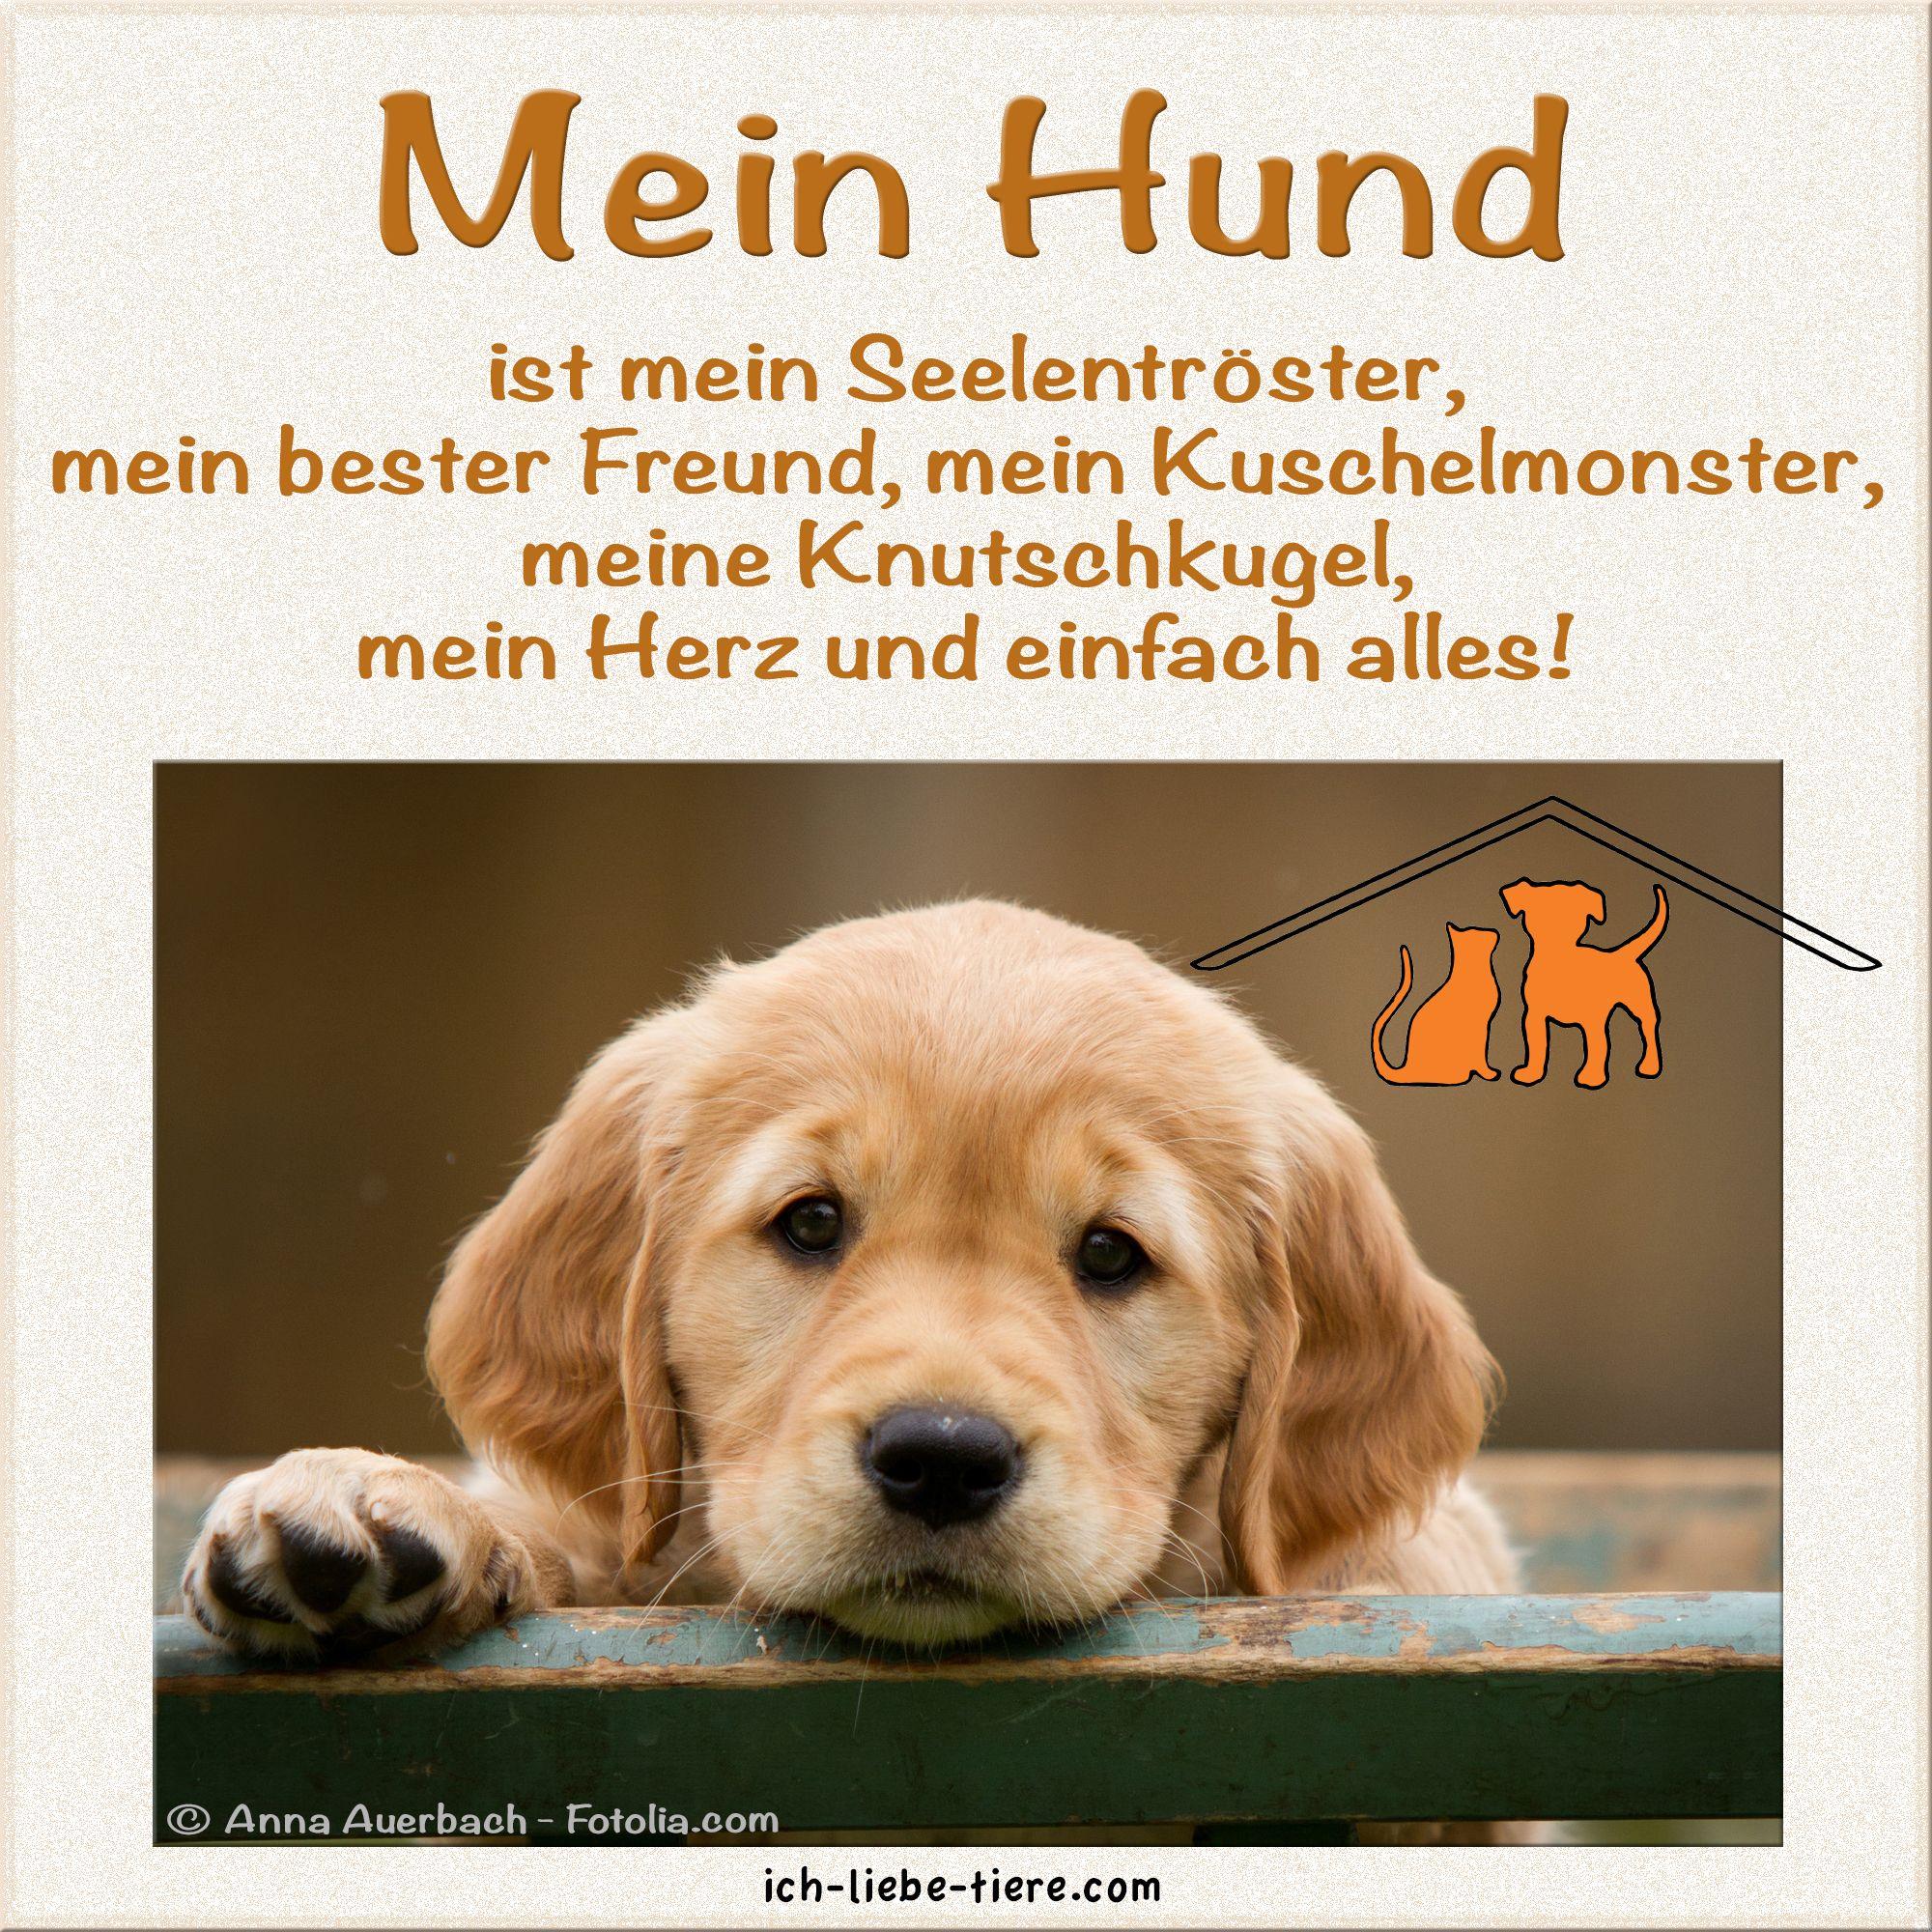 spruch: hunde liegen nicht faul rum. sie verschönern den raum